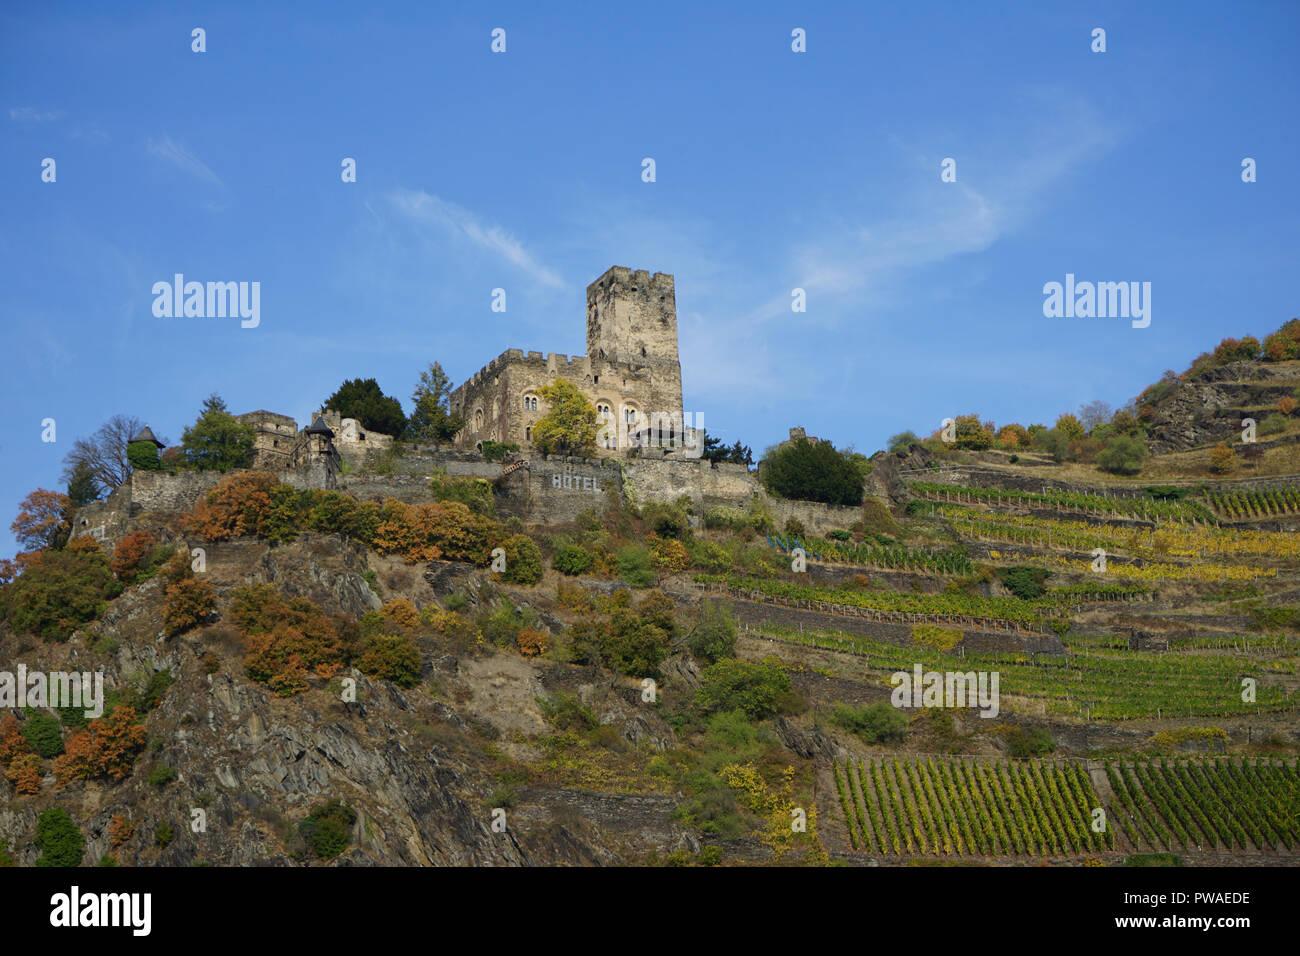 Burg Gutenfels, Kaub, Welterbe Kulturlandschaft Oberes Mittelrheintal, Rhein, Deutschland, Europa - Stock Image